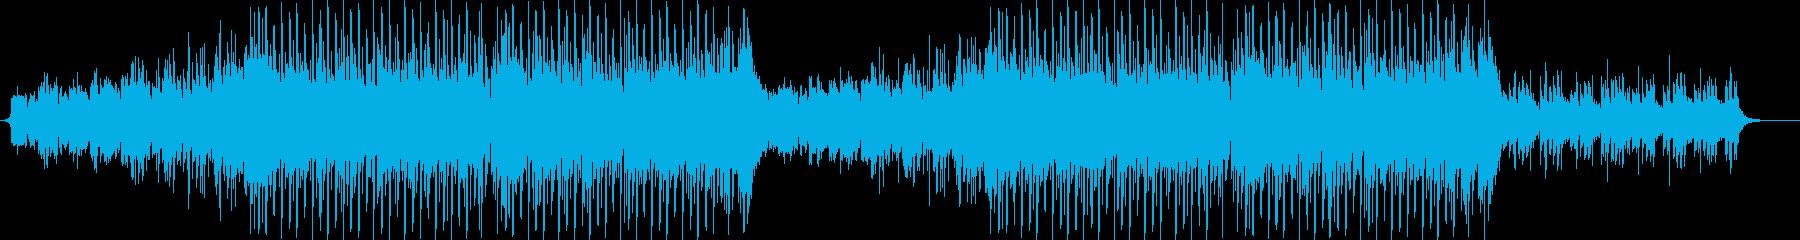 切ない夏をイメージしたトロピカルハウスの再生済みの波形